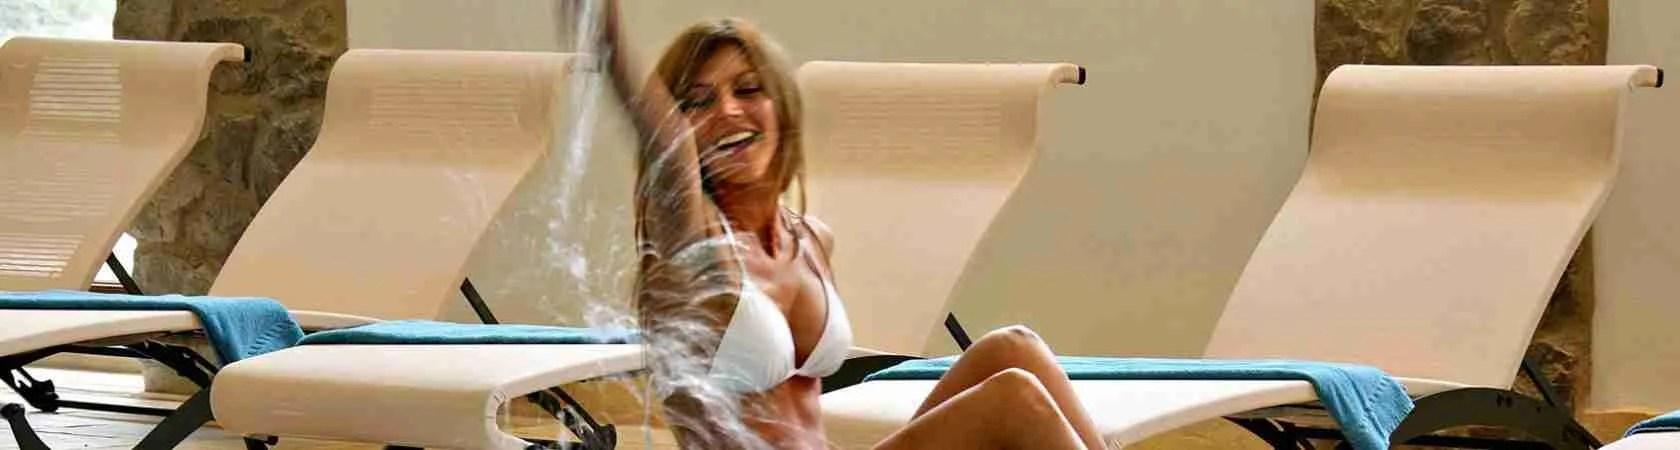 Le escort Cuneo sono delle professioniste dei servizi di accompagnamento. Magica Escort.